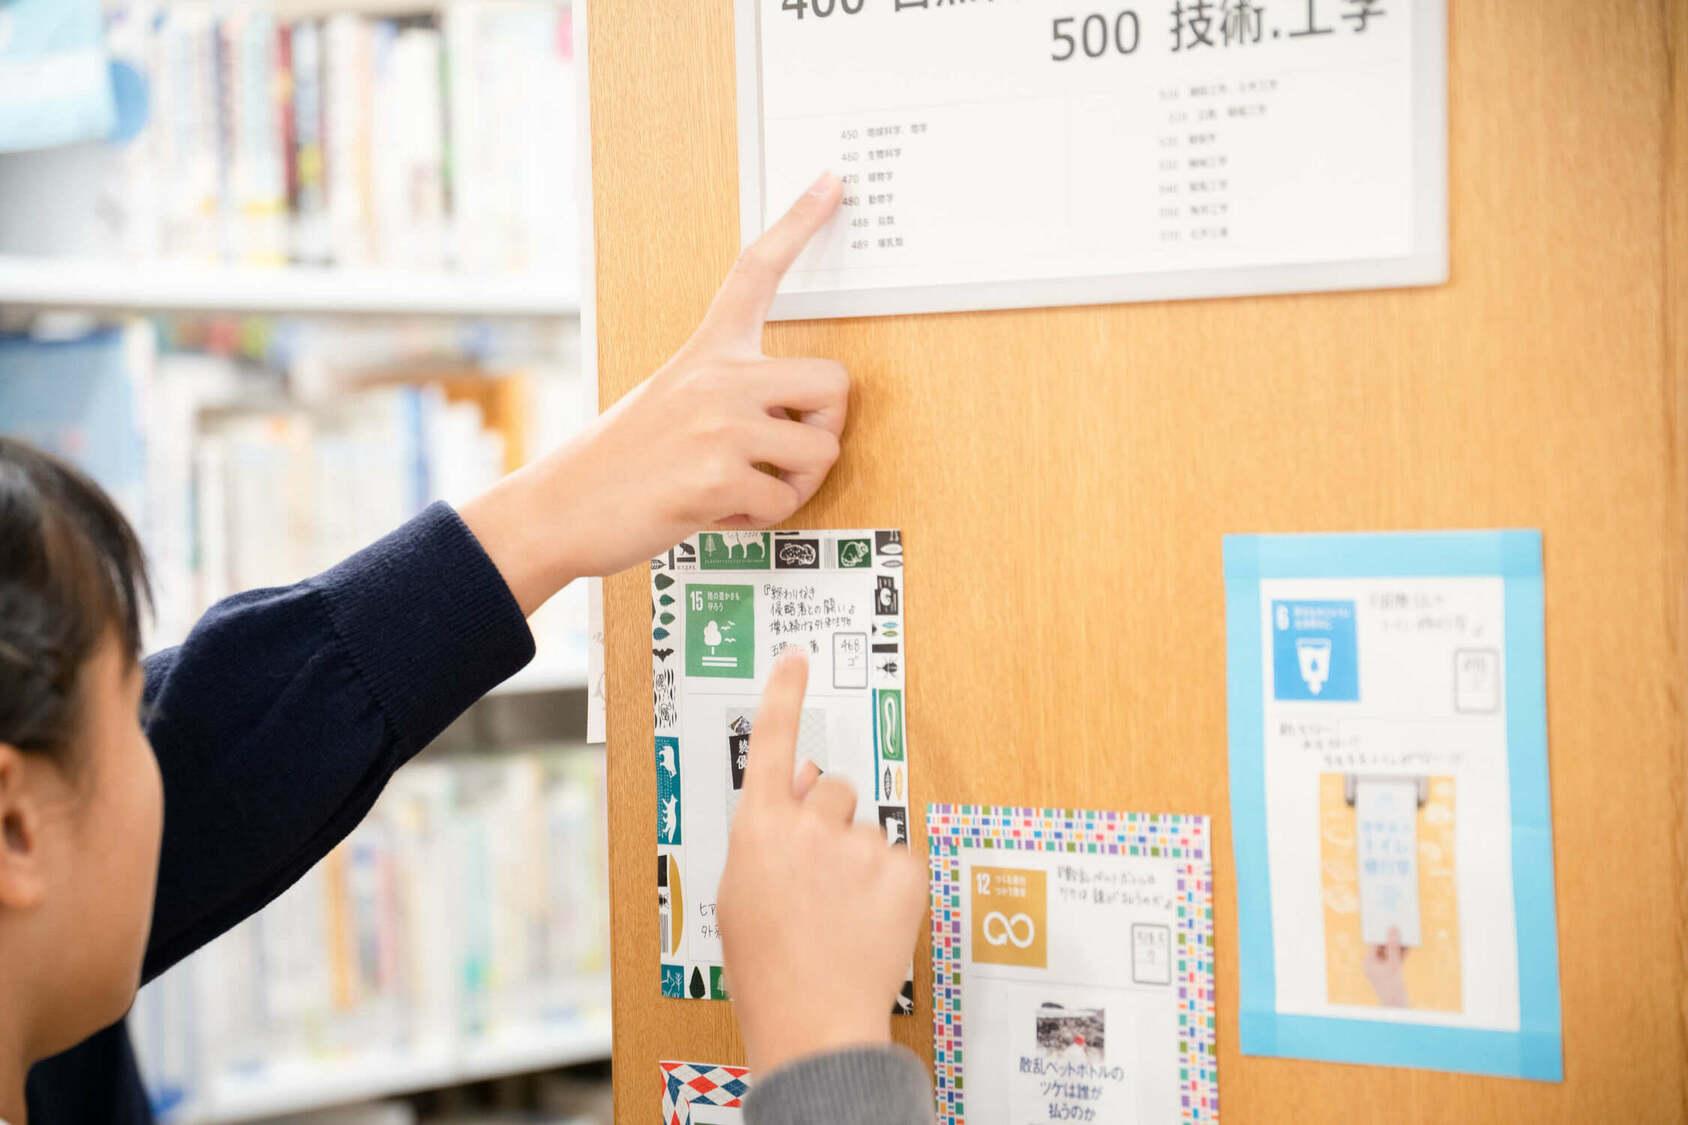 山崎学園 富士見中学高等学校 本を探す